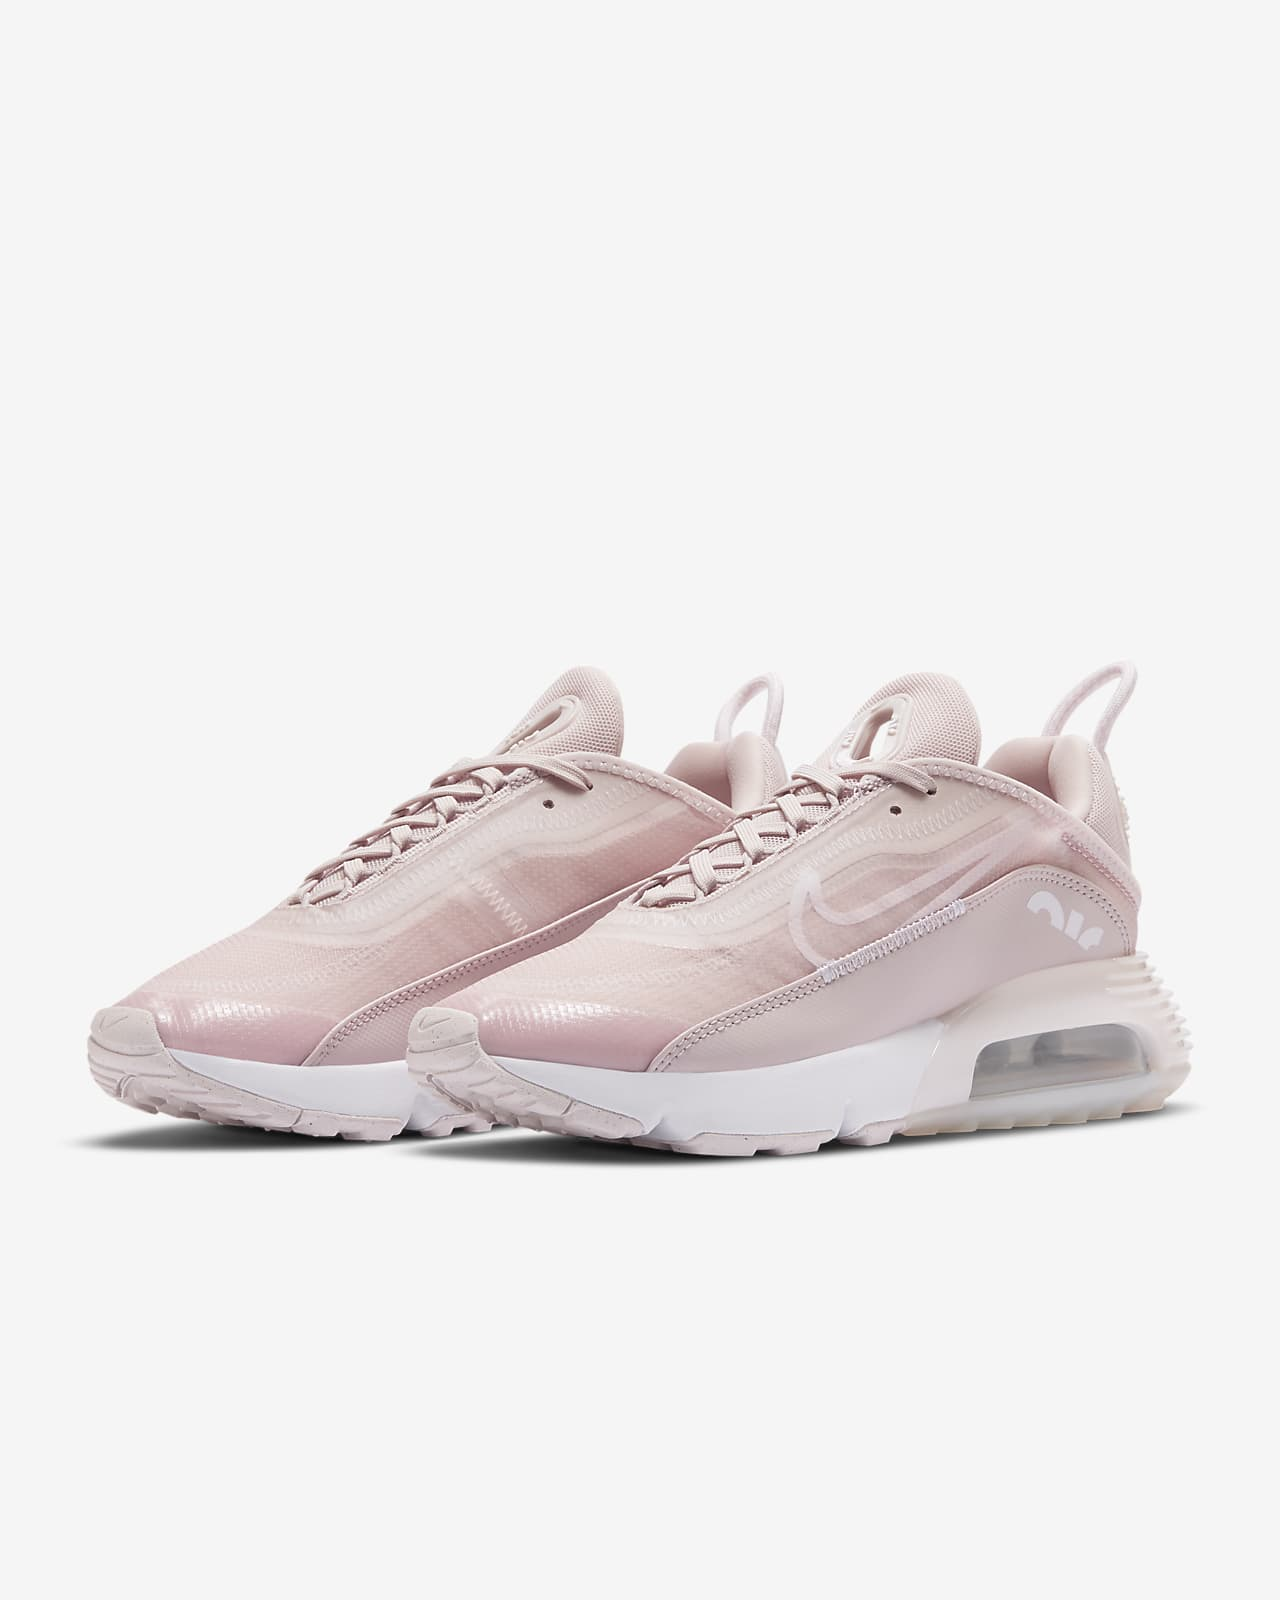 chaussures nike femme air max